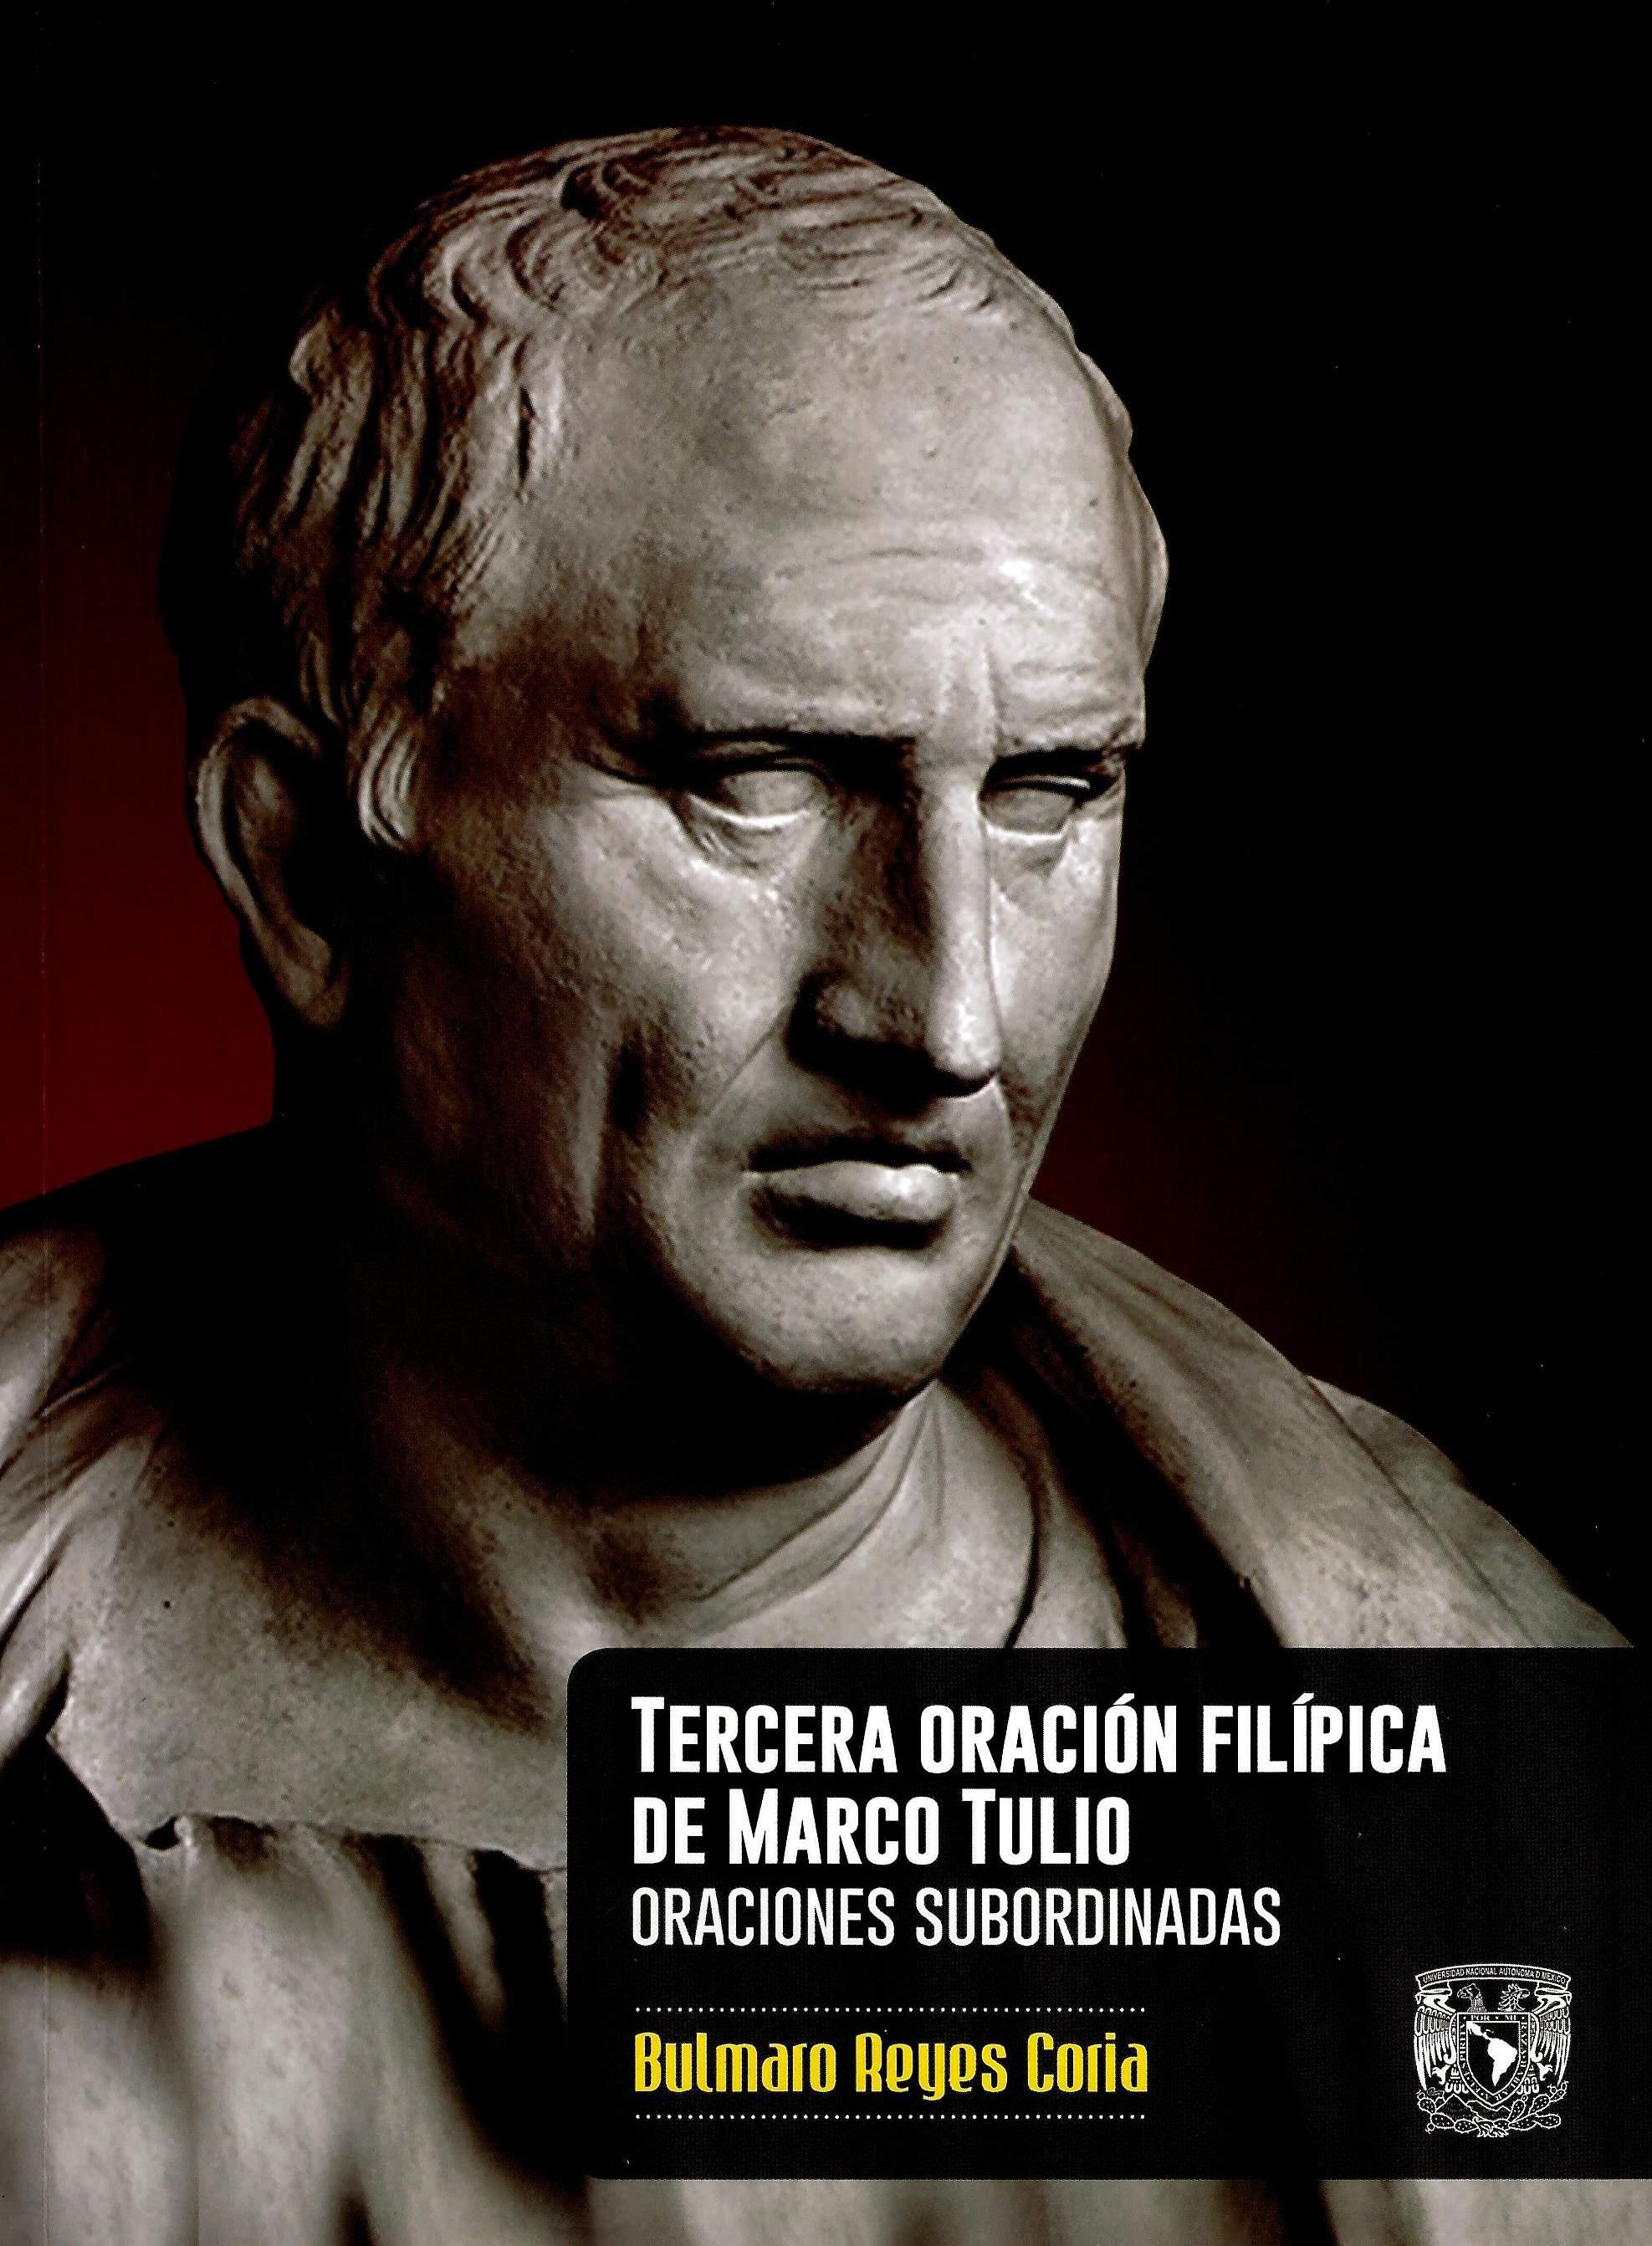 Tercera oración filípica de Marco Tulio. Oraciones subordinadas